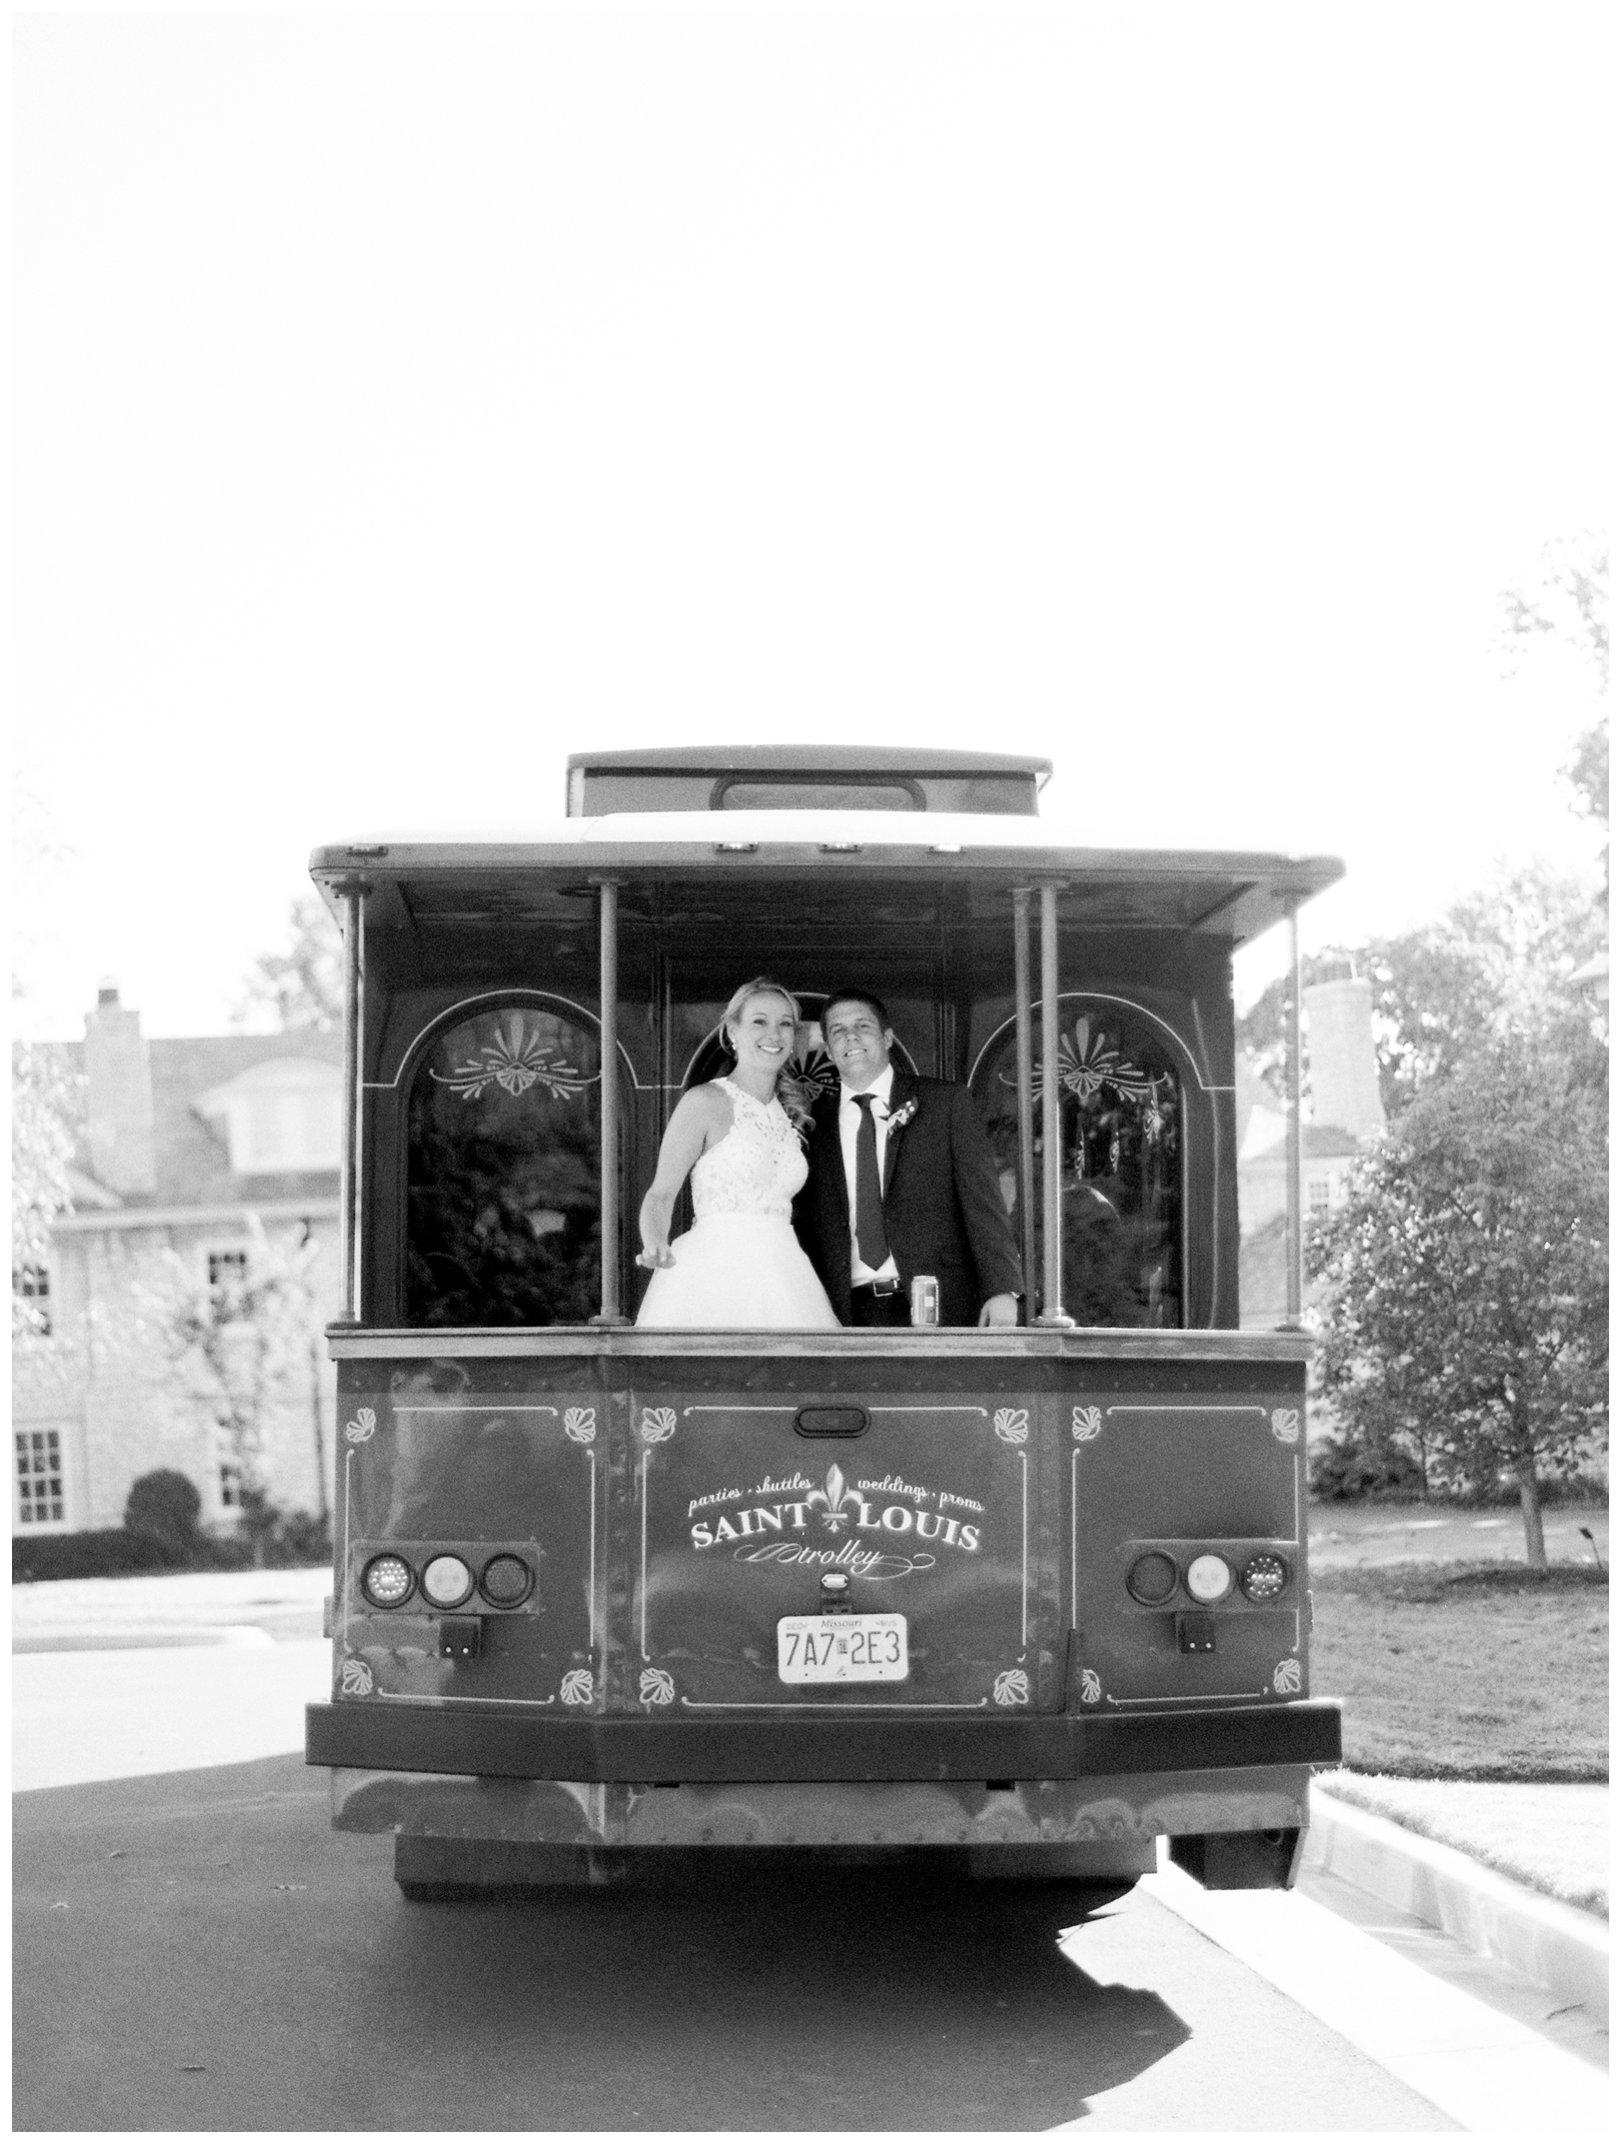 lauren muckler photography_fine art film wedding photography_st louis_photography_2434.jpg